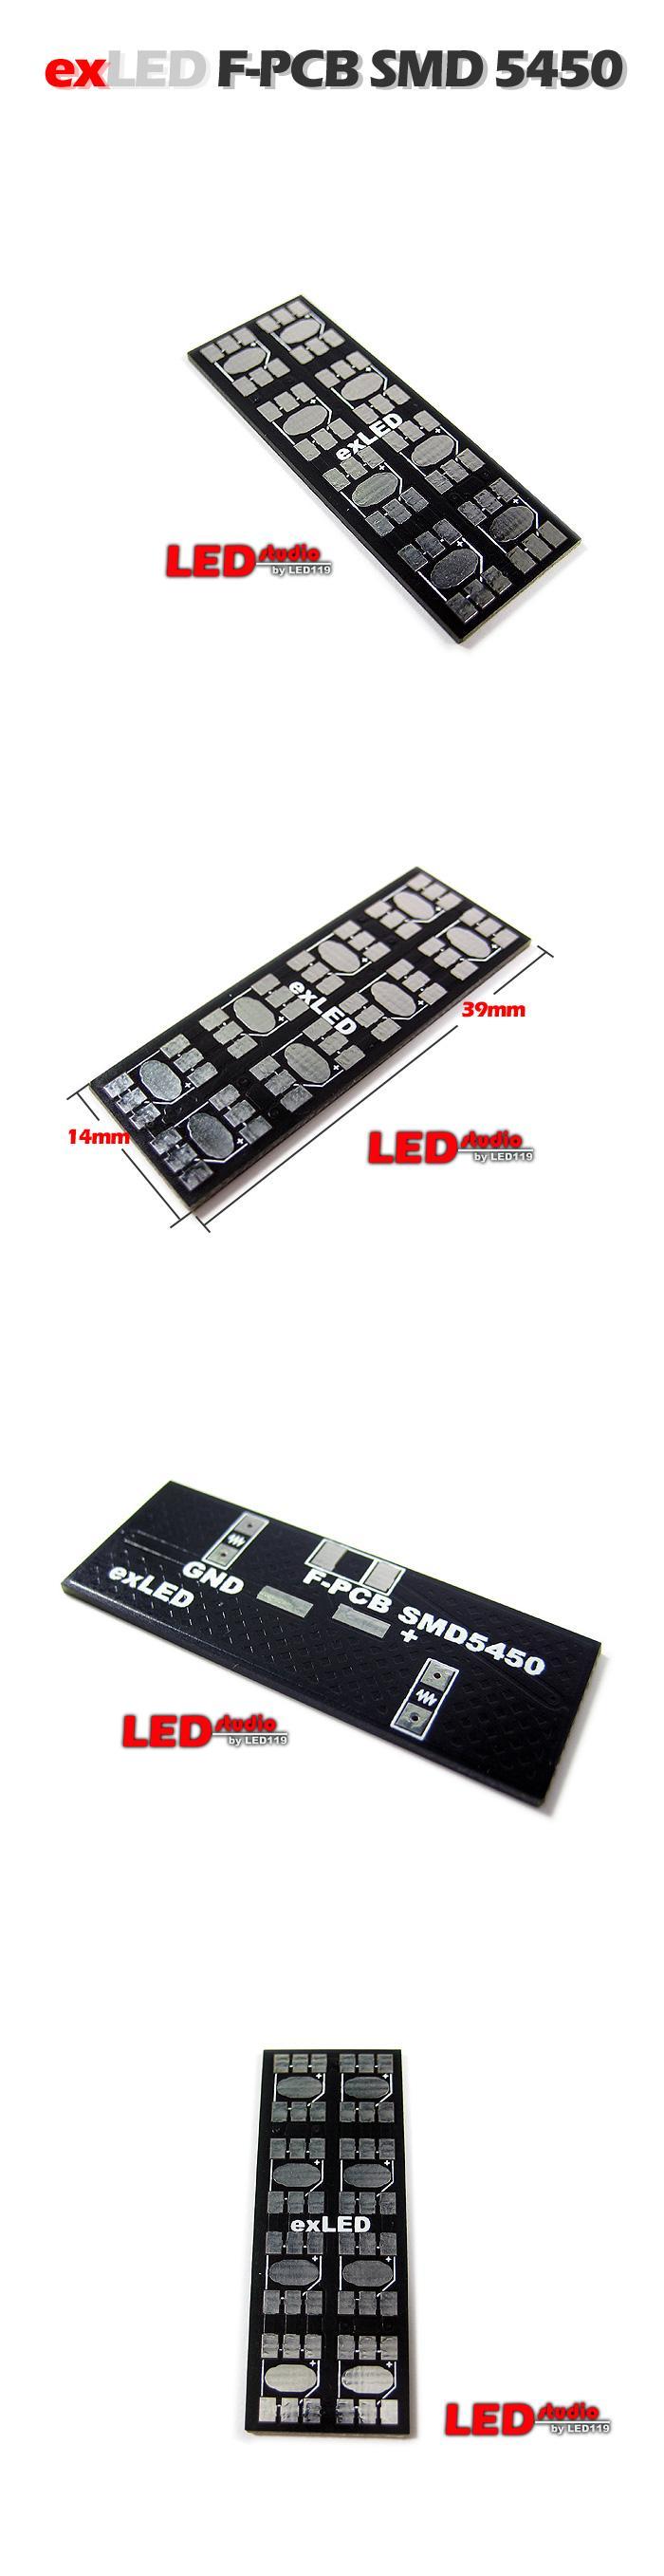 Плата F-PCB для 5450 (10 шт на плате)